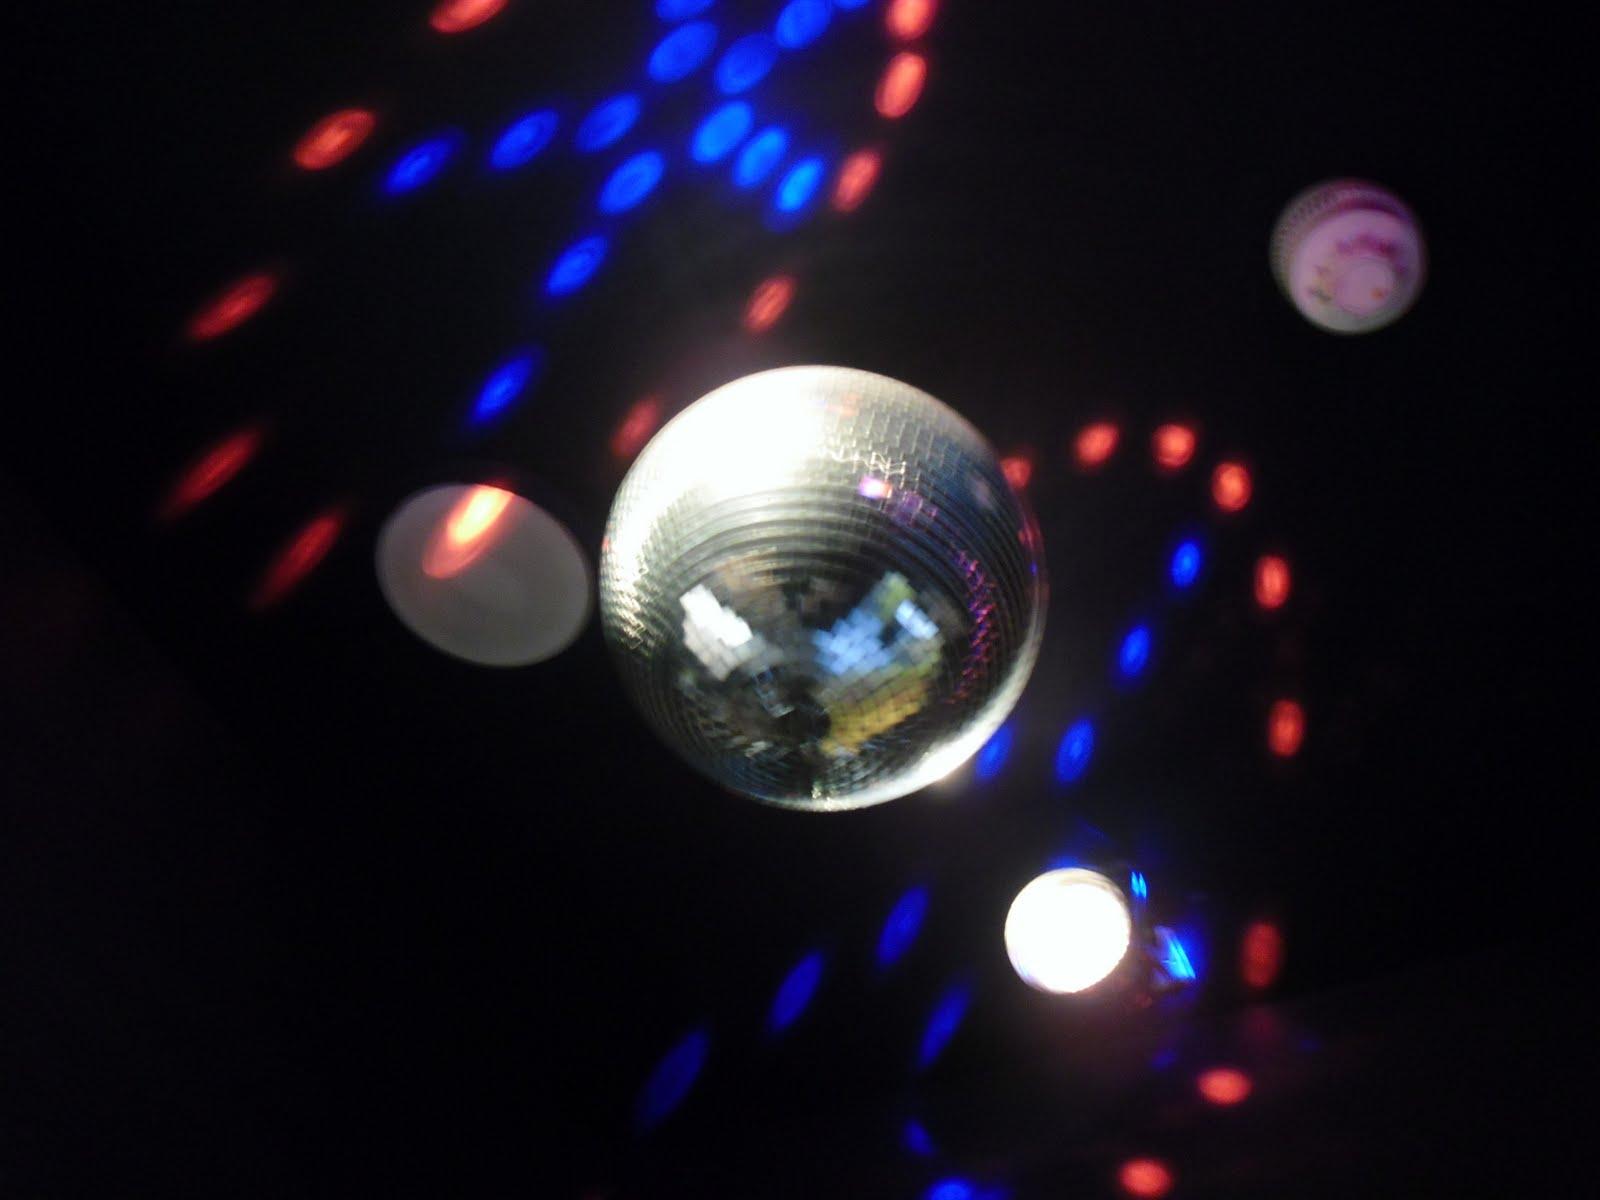 http://3.bp.blogspot.com/_G17sl6RfhqU/TJKK5KfWKxI/AAAAAAAAAao/W4OA3w1i3sk/s1600/breakfast_club_disco.JPG